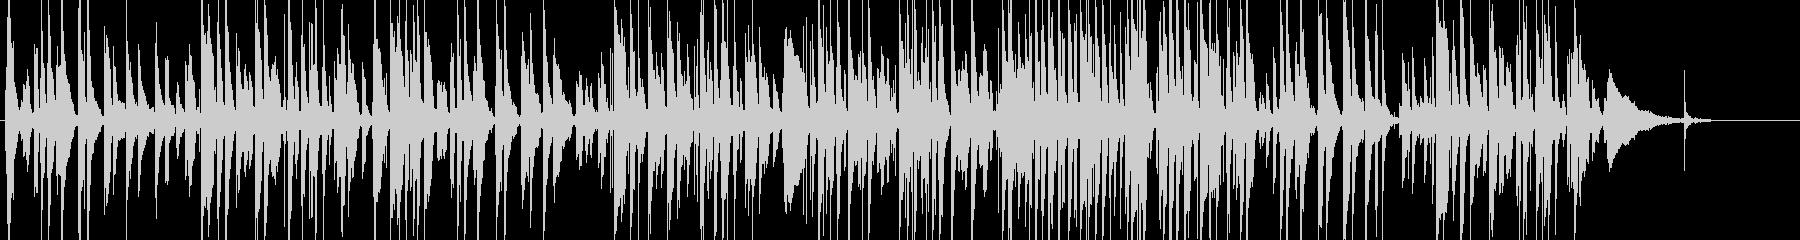 スタンダードナンバーのギターソロアレンジの未再生の波形